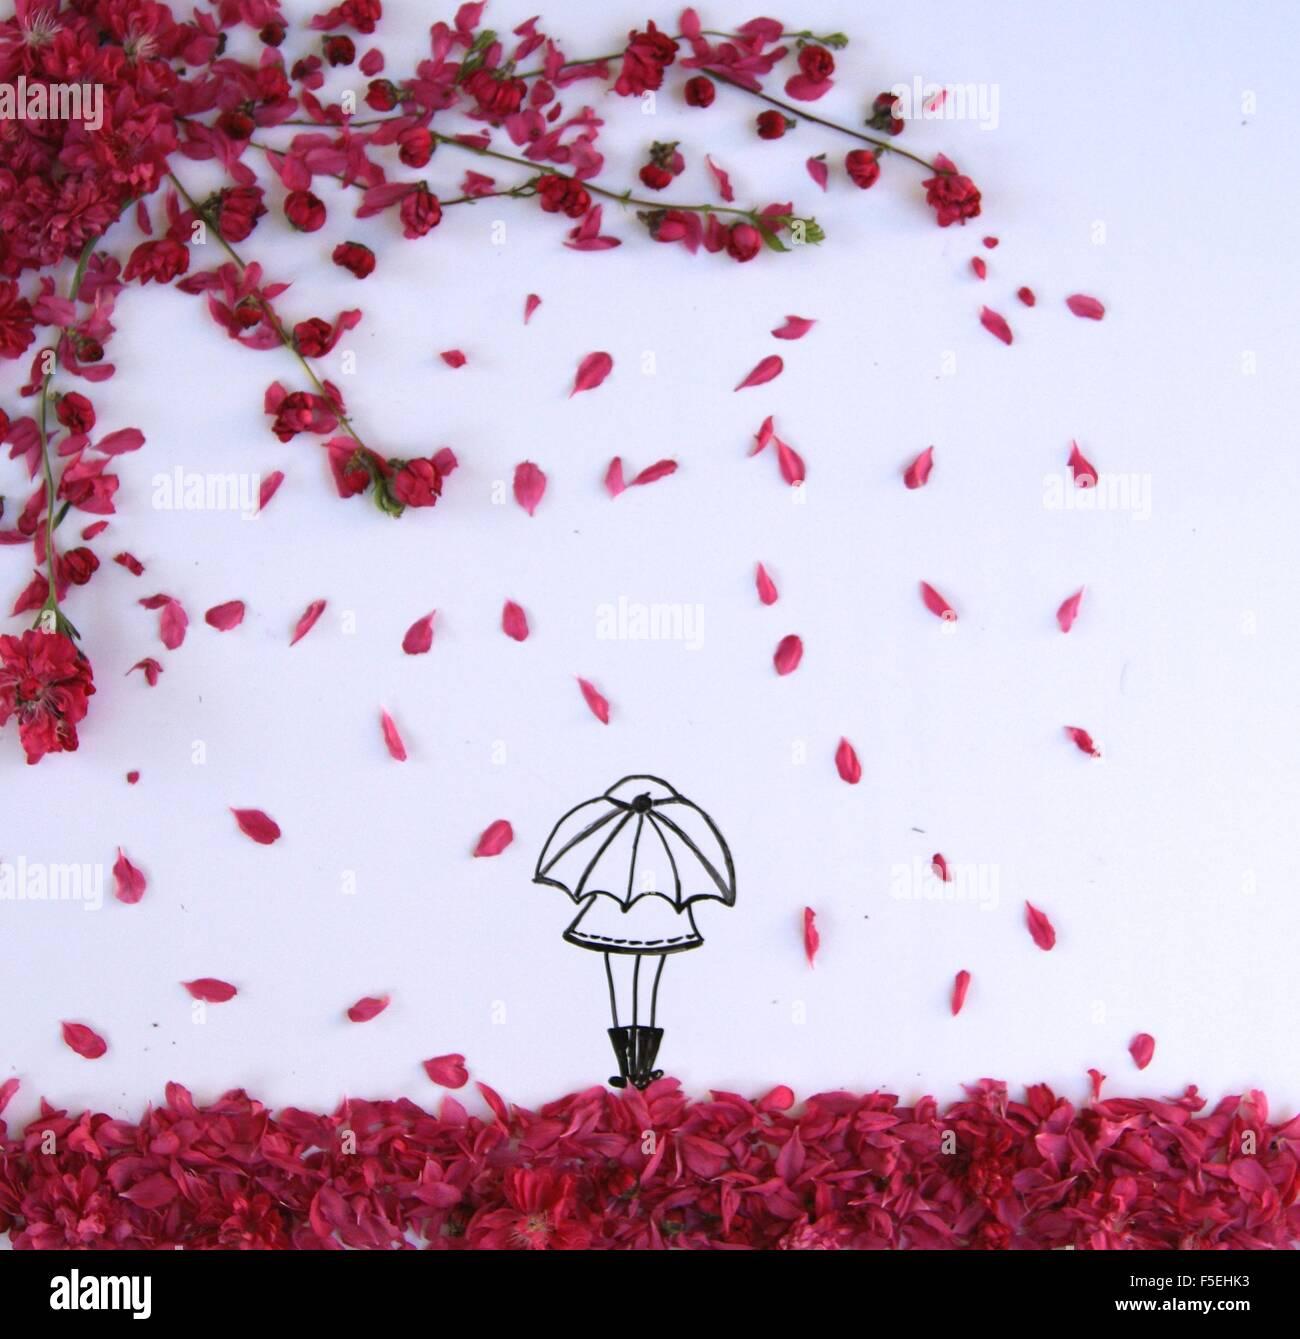 Plan pour la conception d'une jeune fille debout sous un parapluie au printemps blossom douche Photo Stock